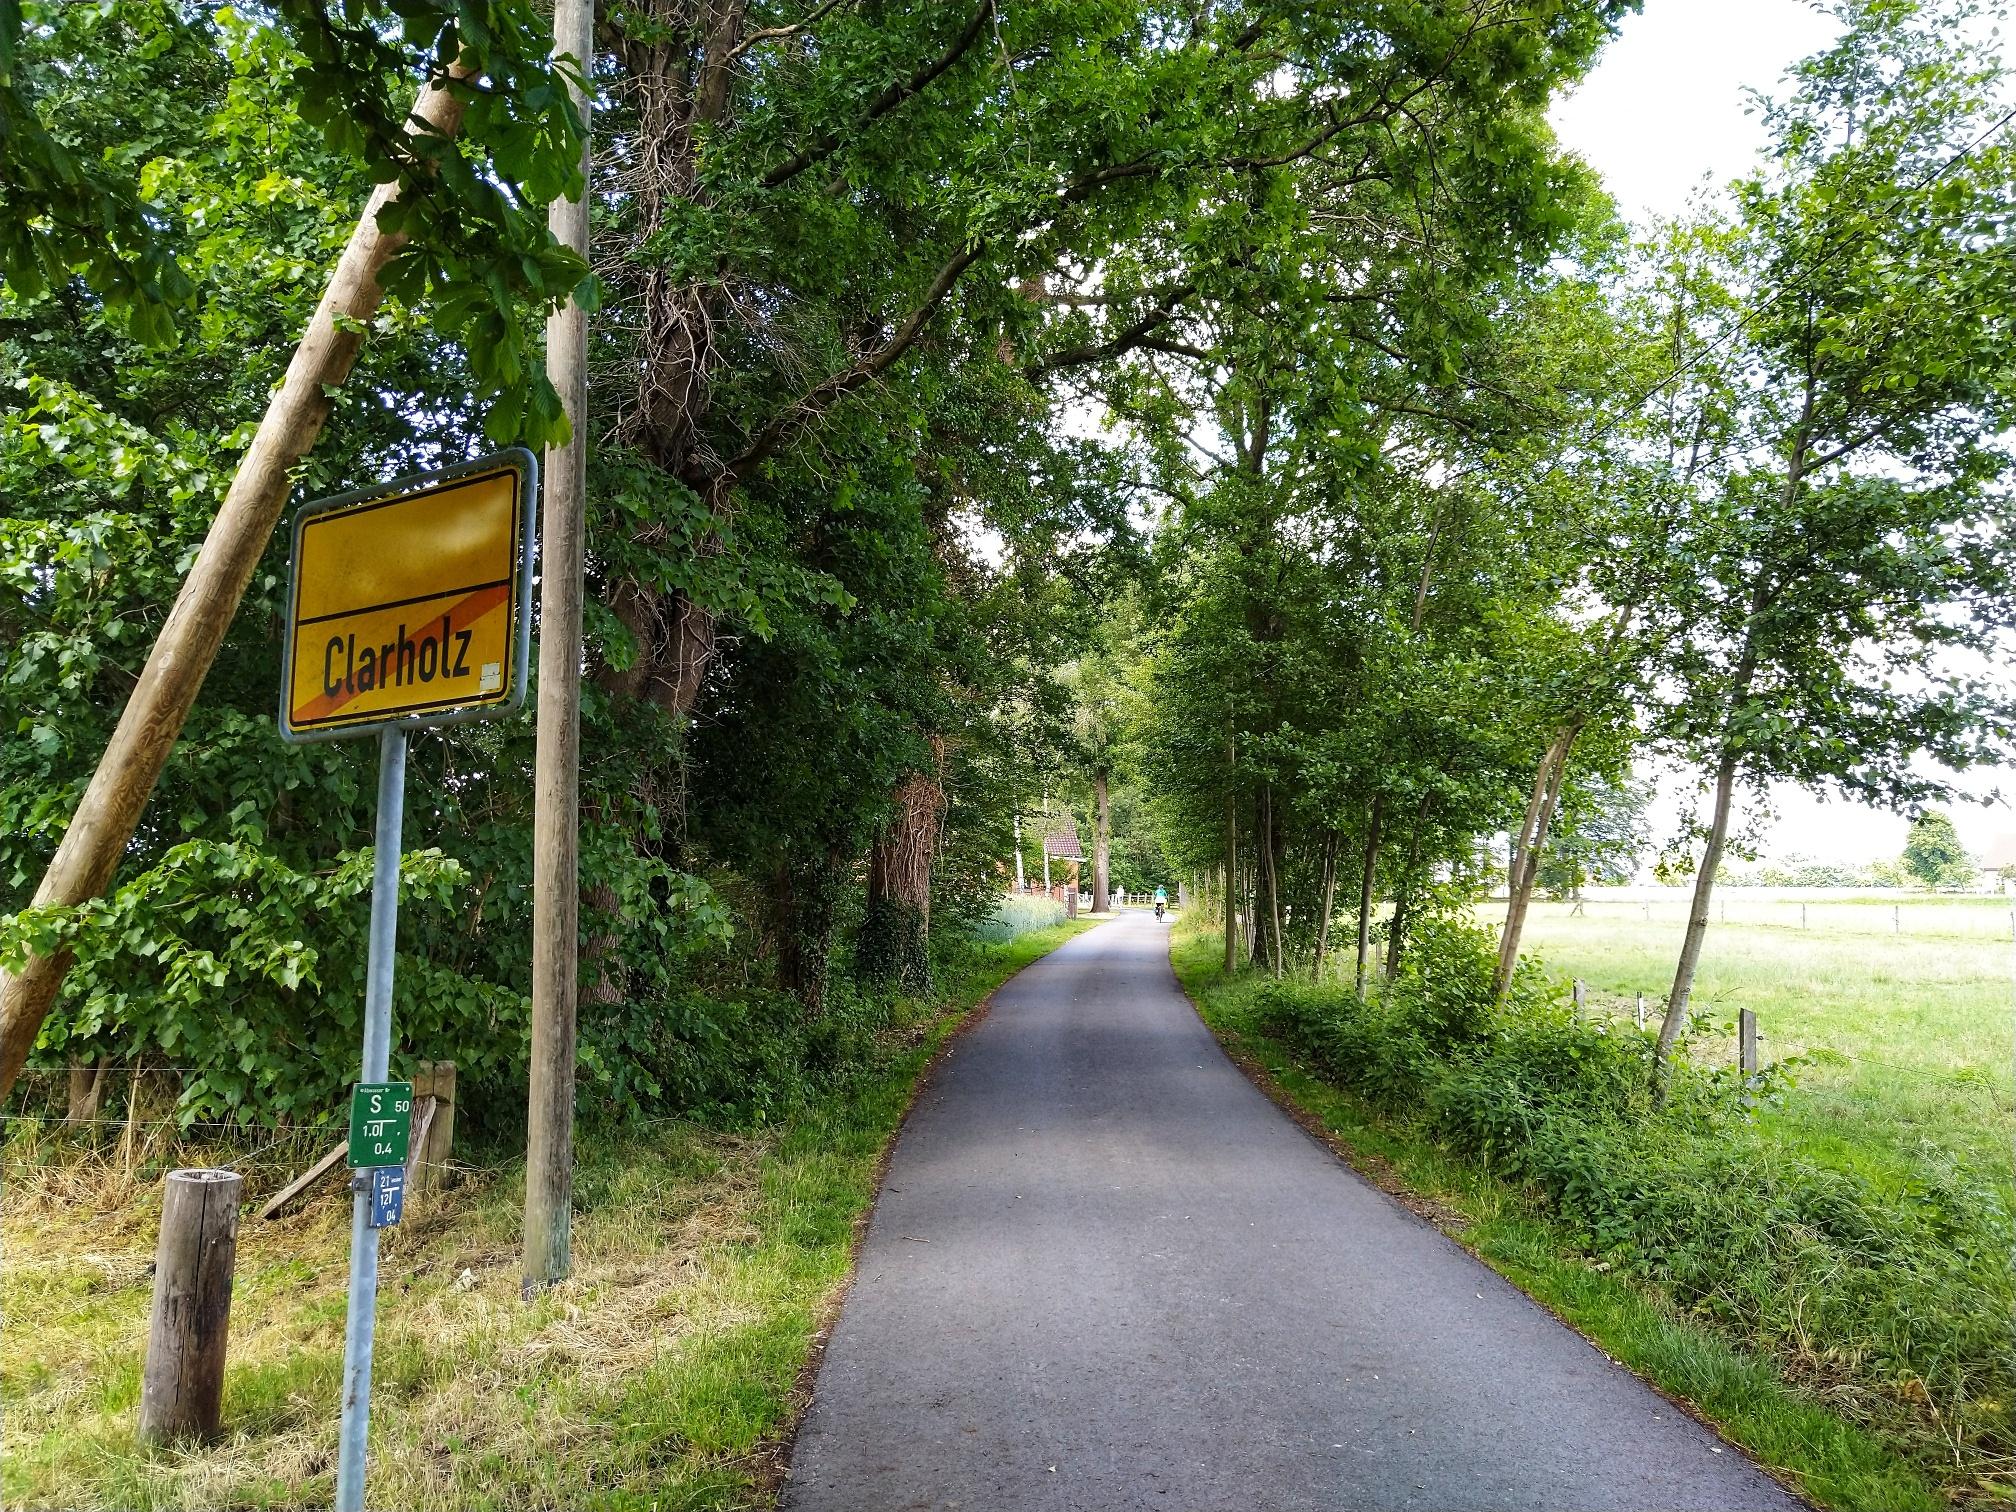 Radrundweg R 19 Herzebrock-Clarholz